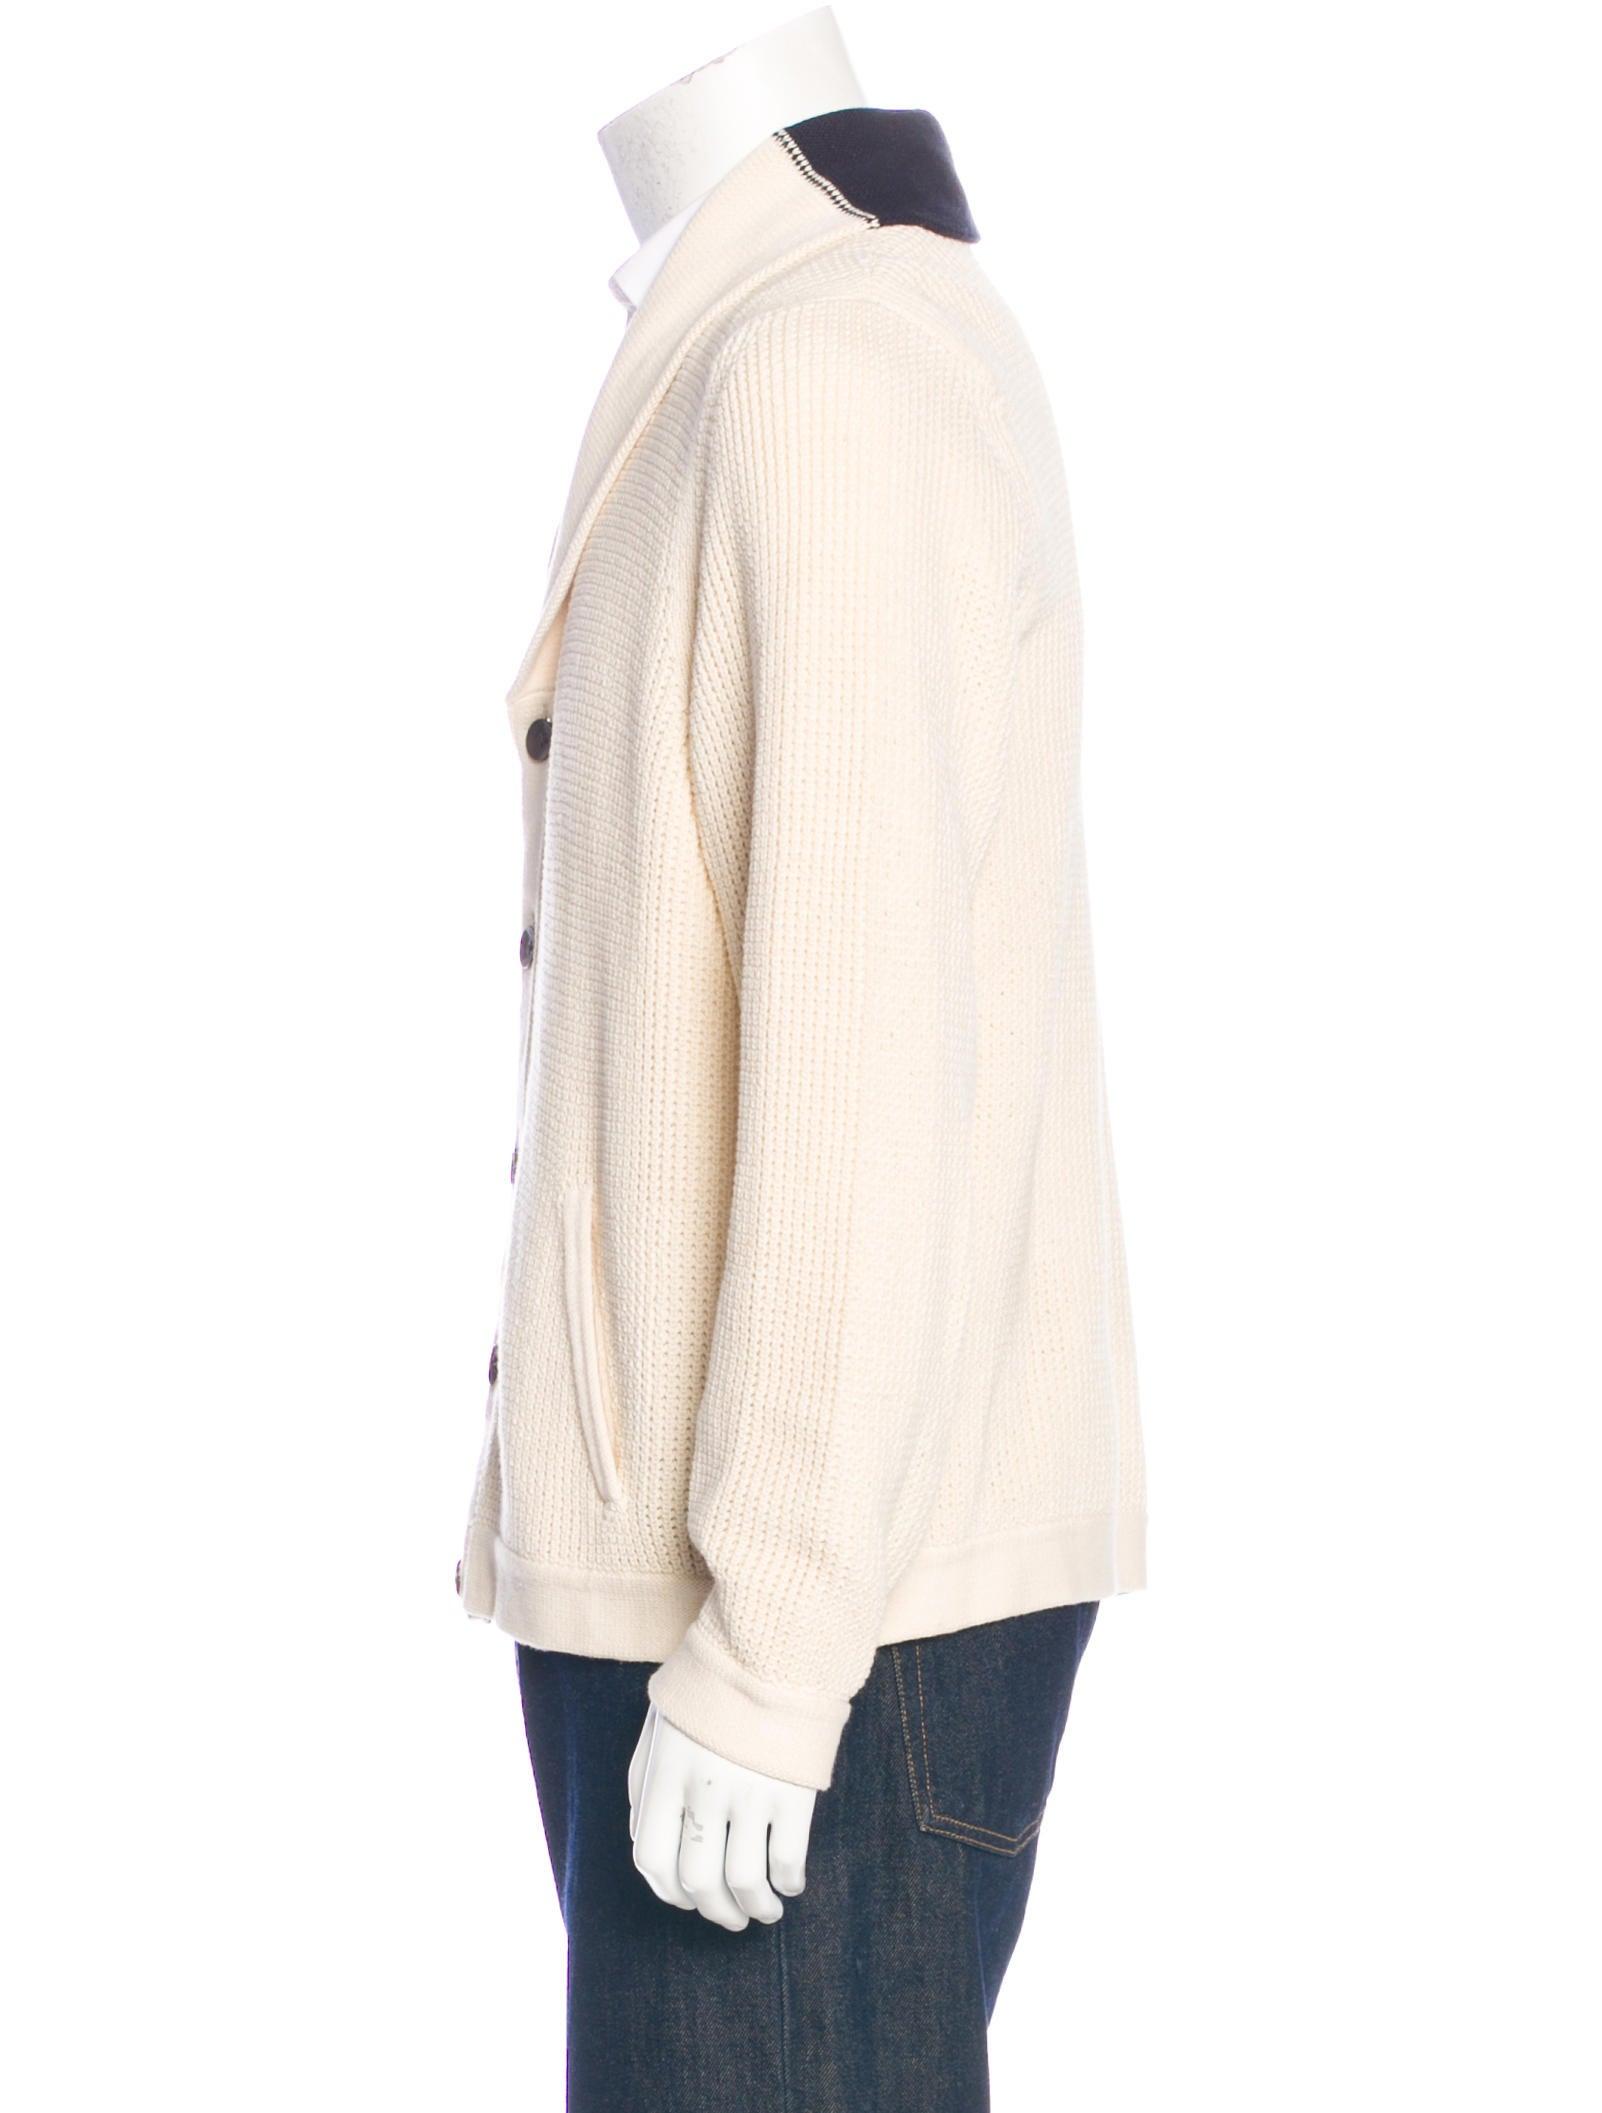 Knitting Cardigan Collar : Rag bone knit shawl collar cardigan clothing